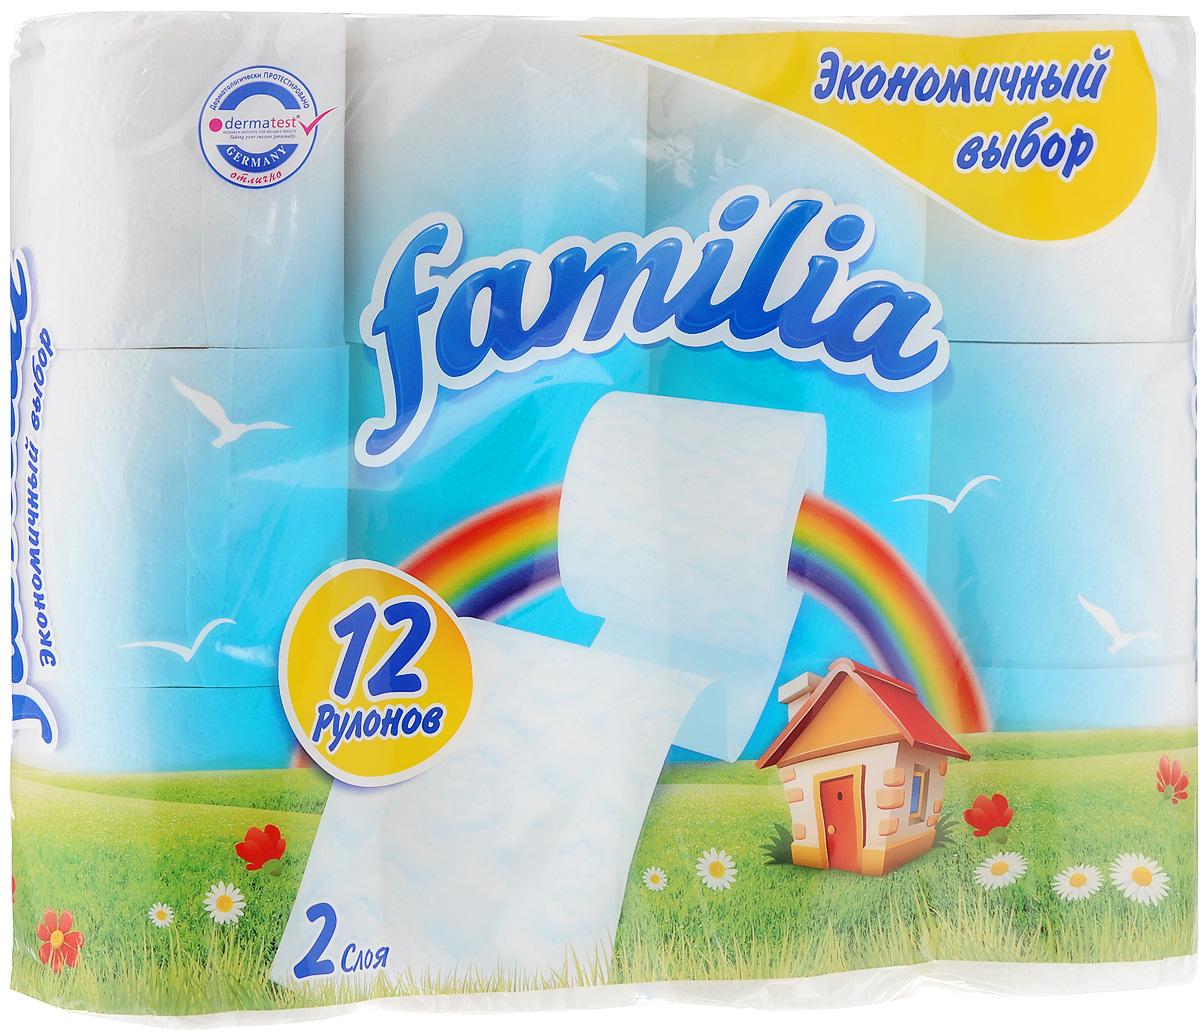 Бумага туалетная Familia Радуга, двухслойная, 12 рулонов8264Двухслойная туалетная бумага Familia Радуга изготовлена из вторичного сырья (переработанной бумаги) и целлюлозы. Мягкая, нежная, но в тоже время прочная, бумага не расслаивается и отрывается строго по линии перфорации. Количество рулонов: 12 шт. Длина одного рулона: 16,9 м.